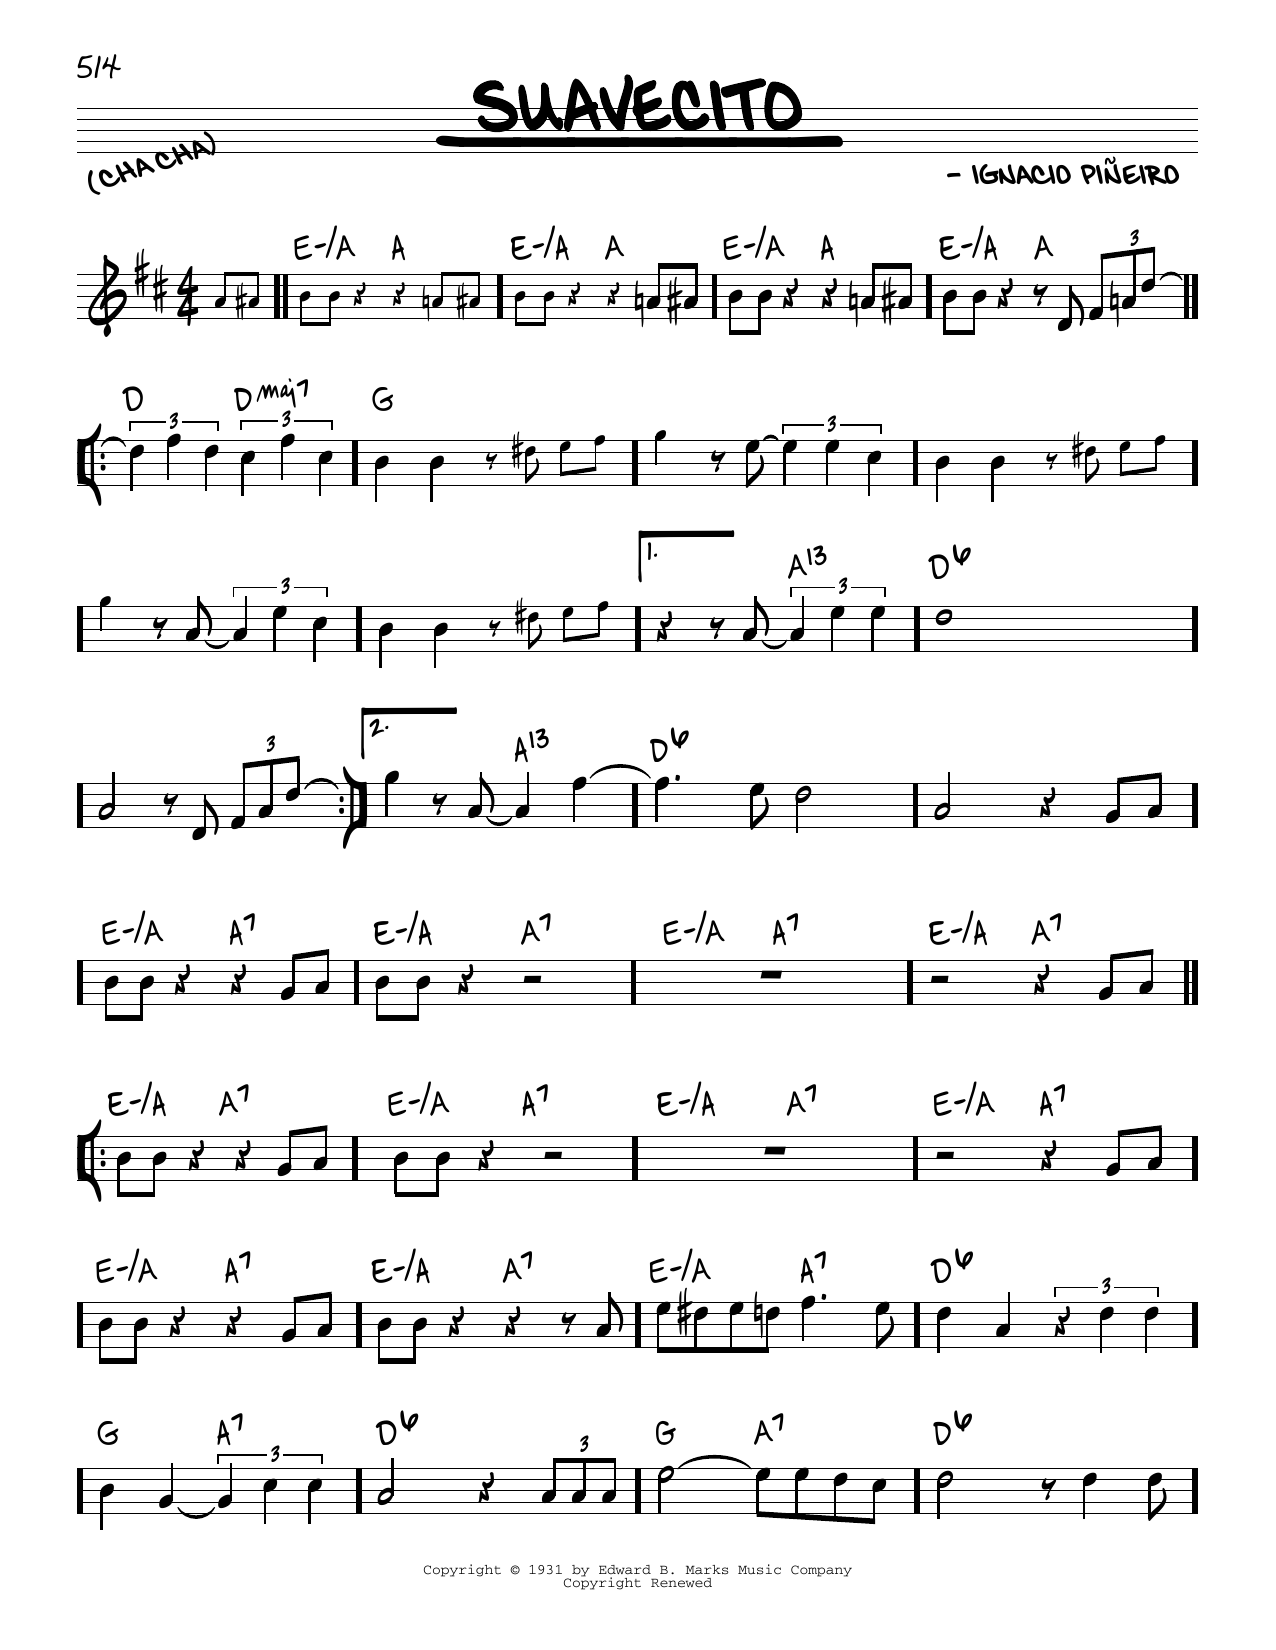 Ignacio Pineiro Suavecito sheet music notes and chords. Download Printable PDF.